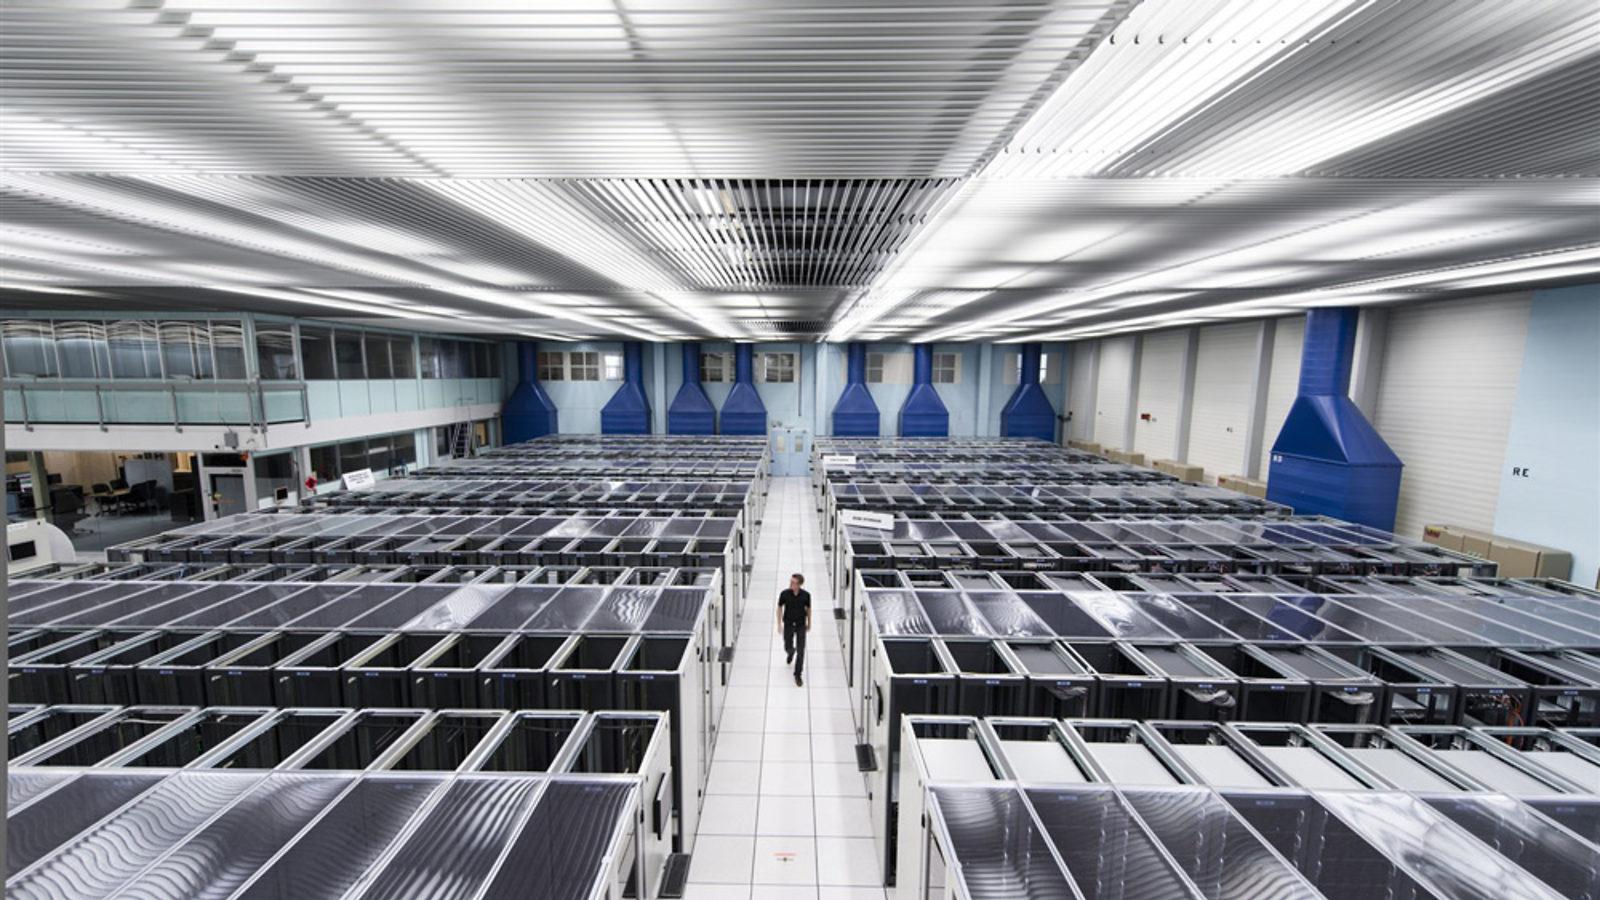 Photo of CERN computer center